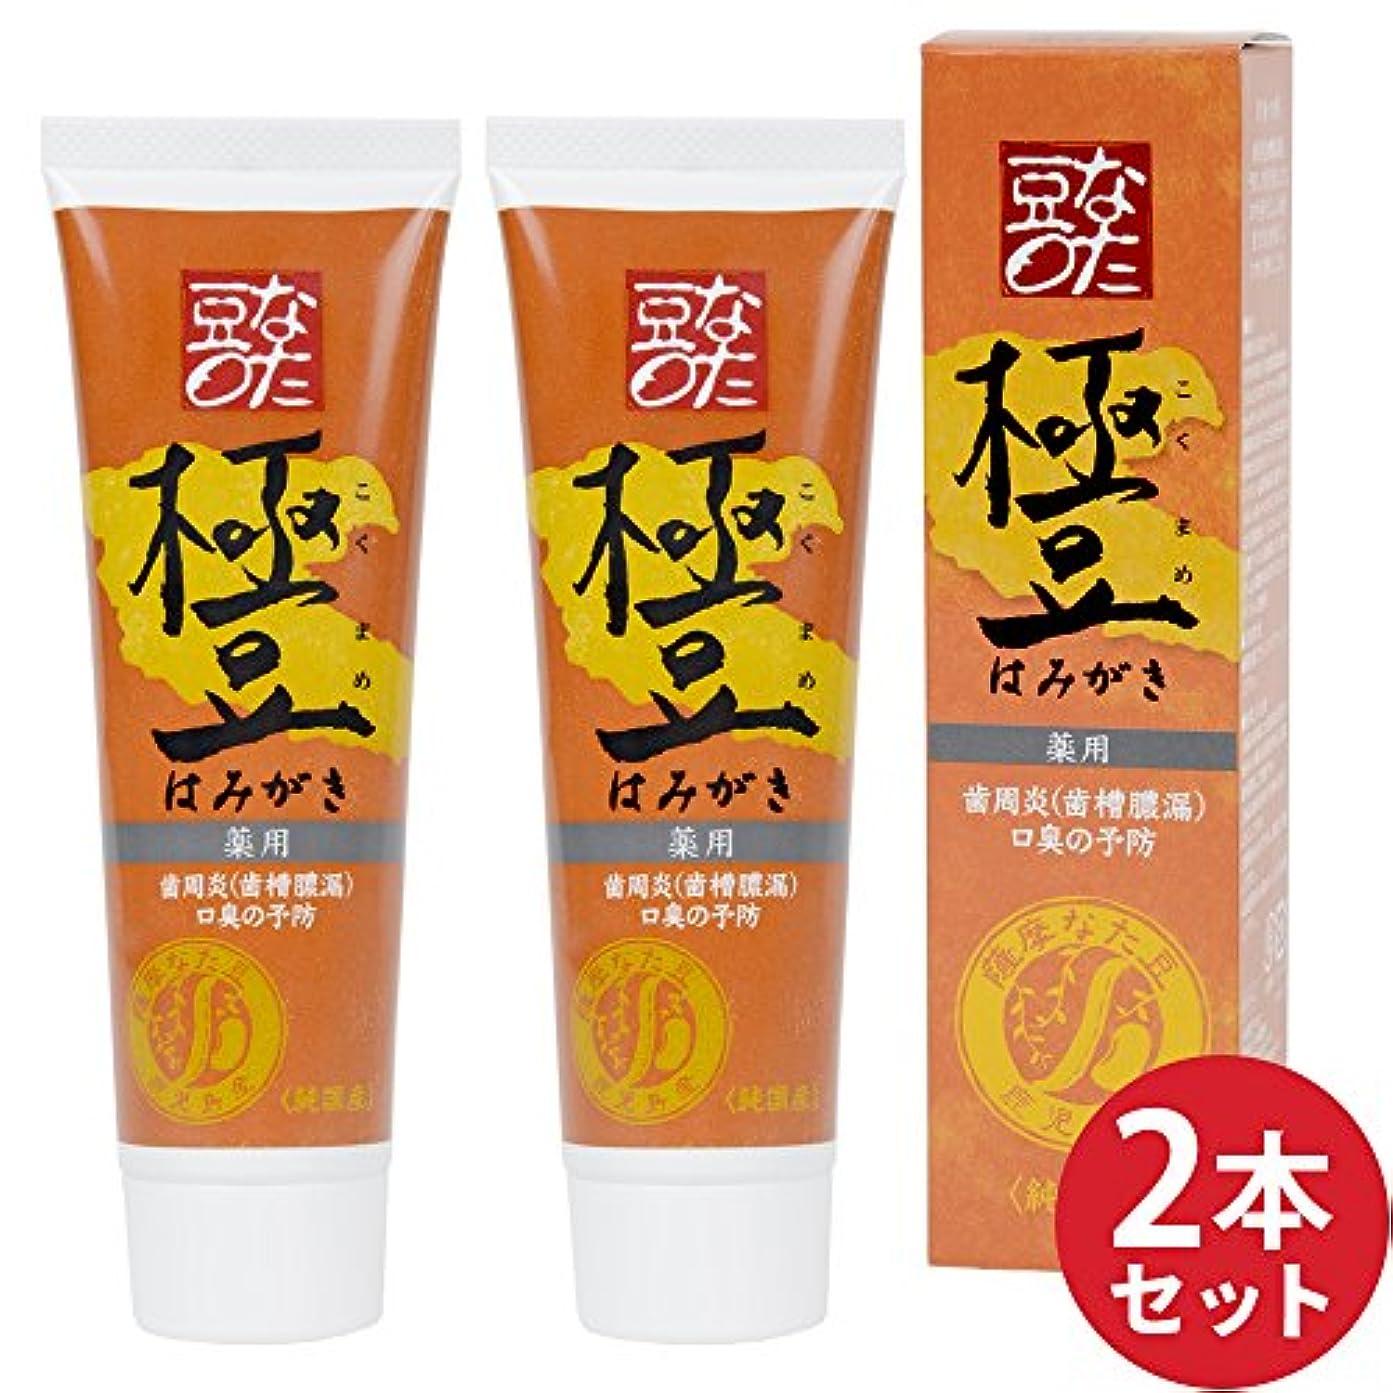 吐き出す主観的法律により2本セット【薬用】薩摩なた豆歯磨き(内容量:110g×2)